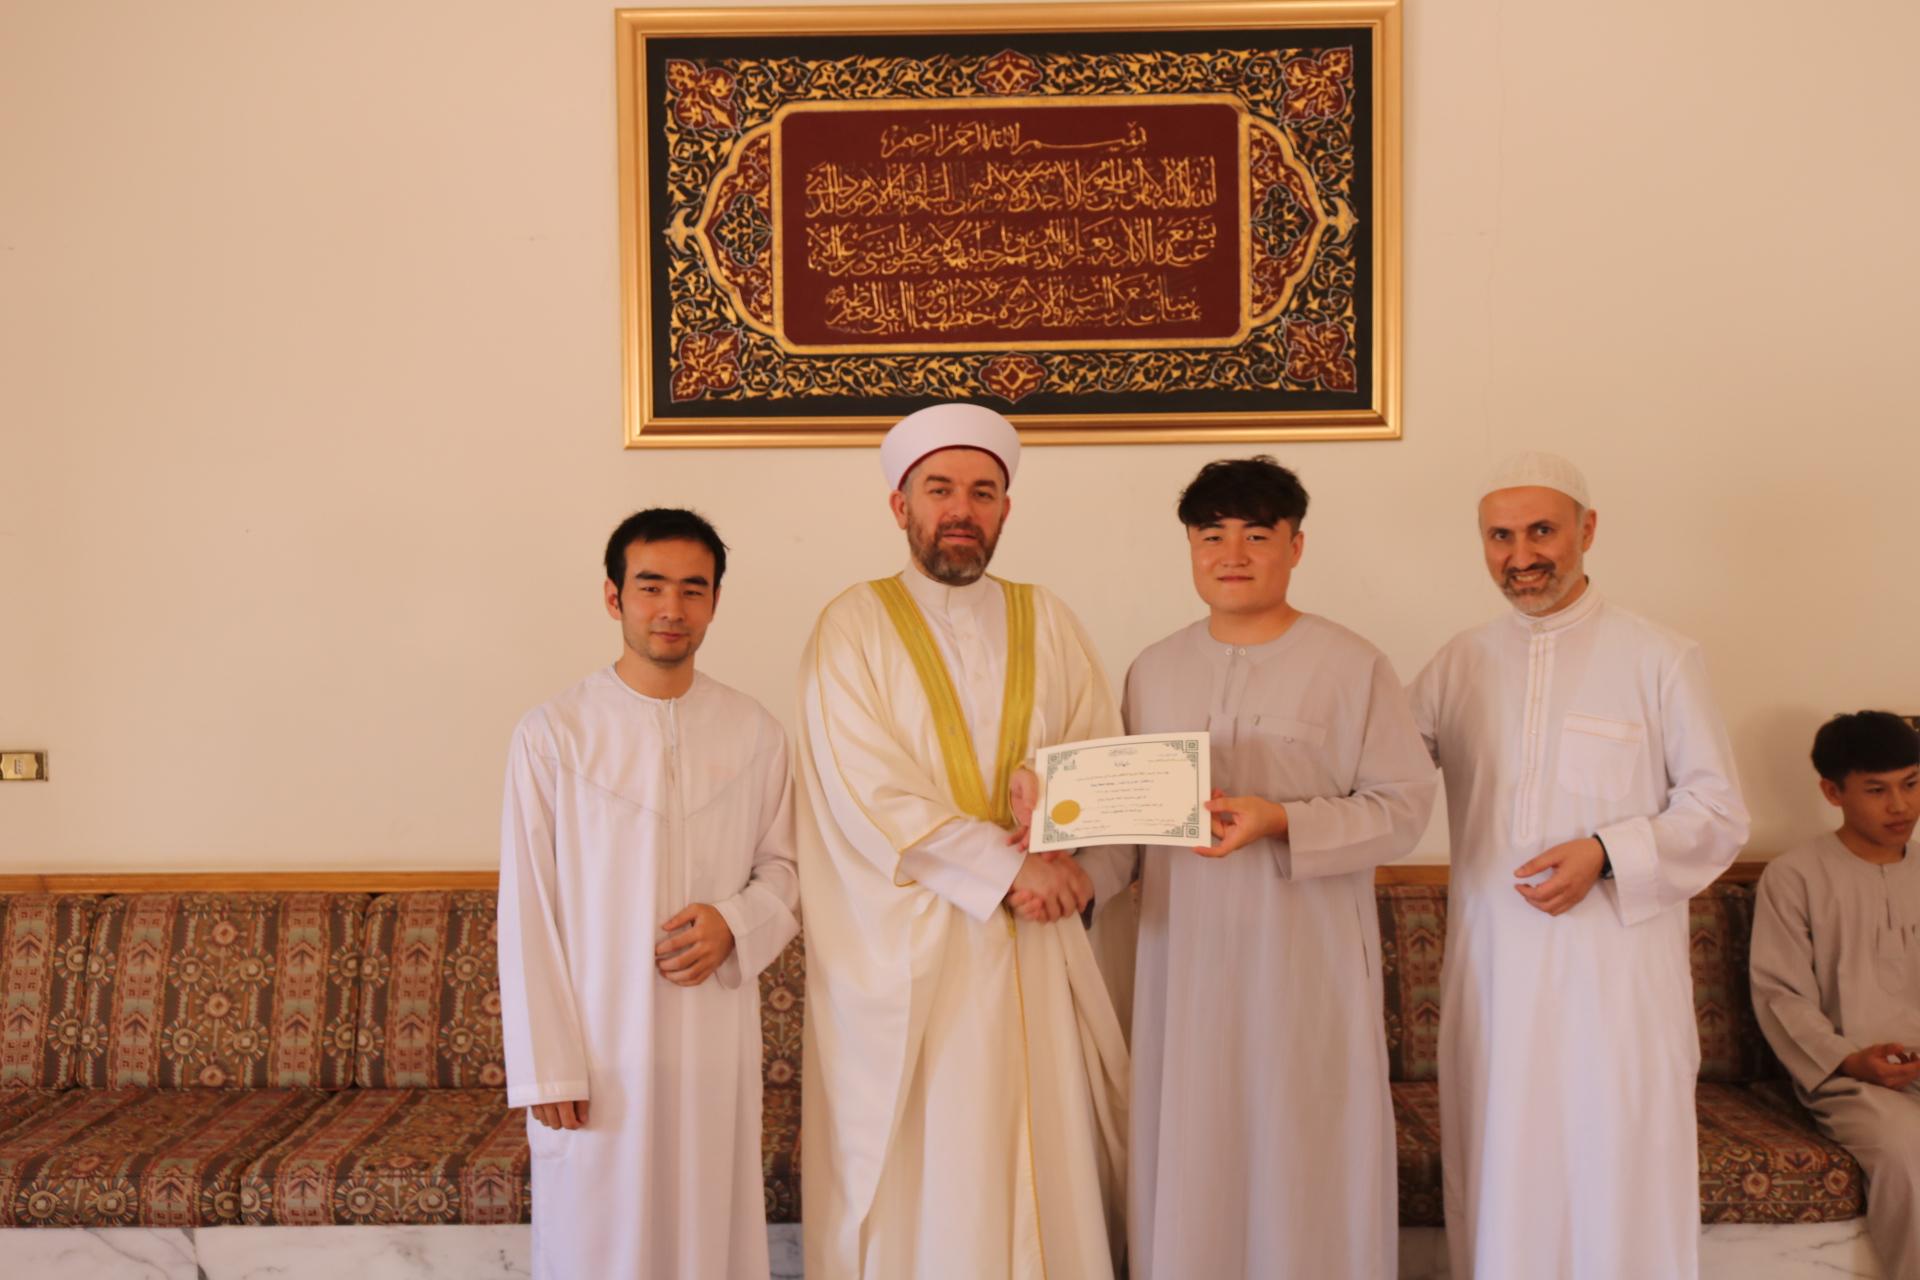 رئيس جامعة طرابلس يوزع شهادات إنهاء مستويات اللغة العربية للطلاب الصينيين (1/3)